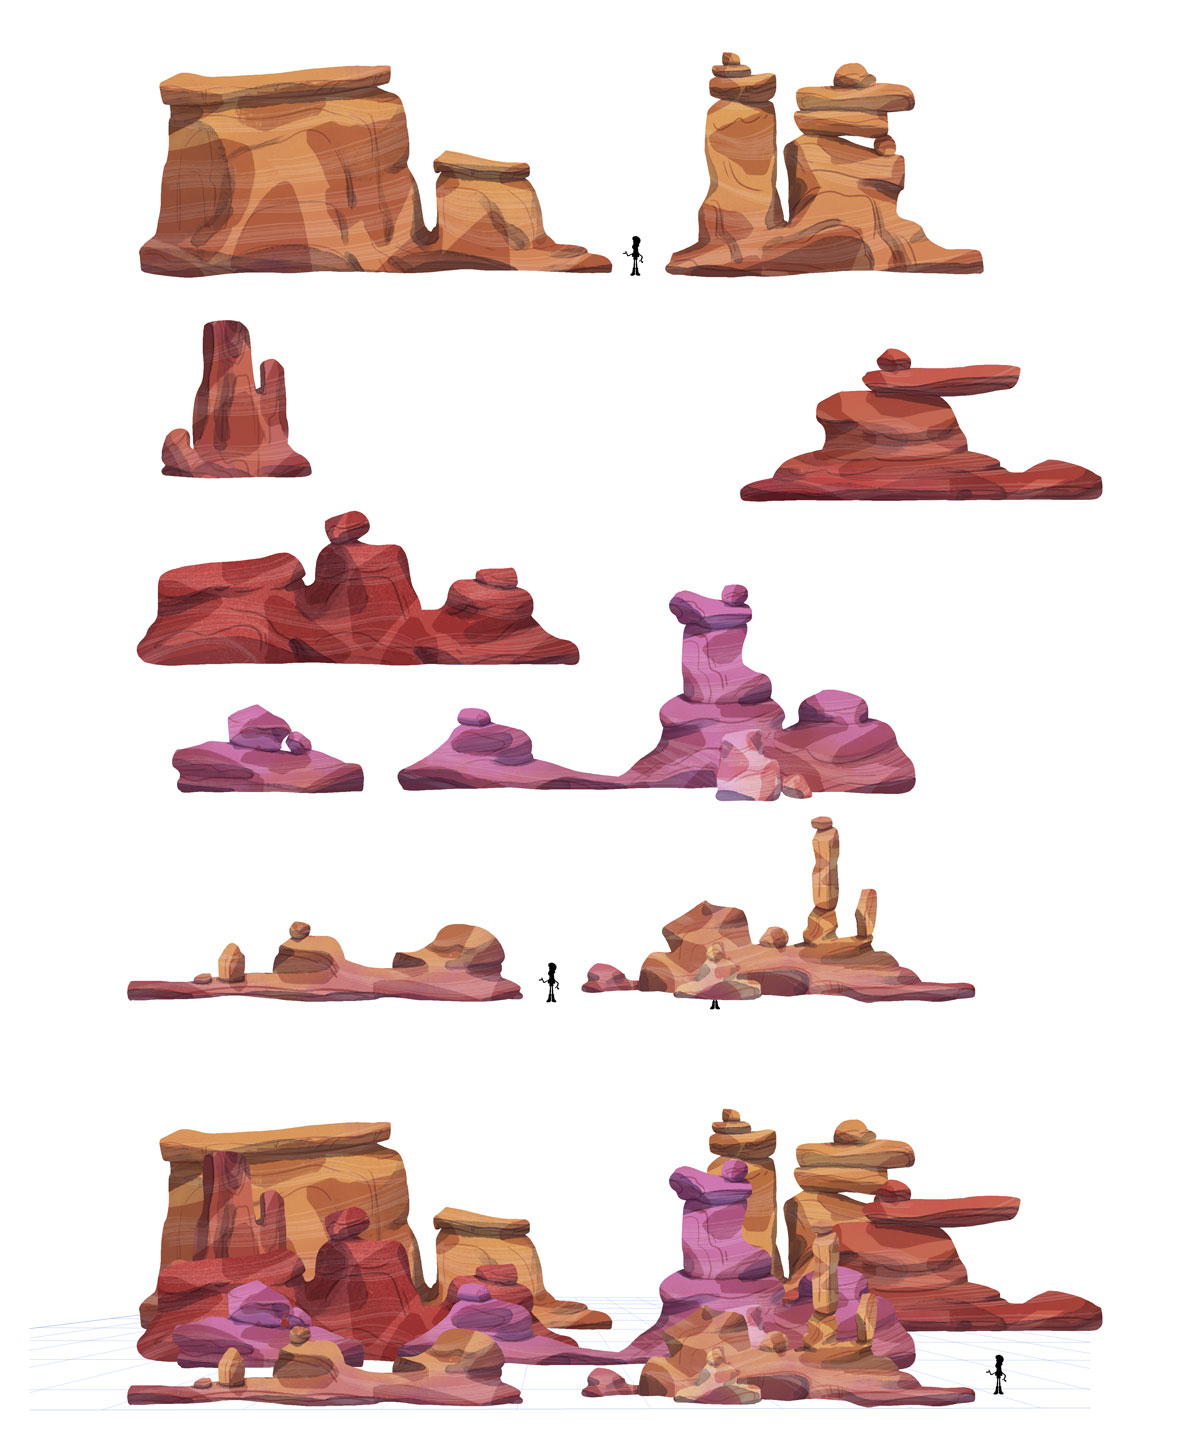 17_Landscape_Assets_Set_07.jpg